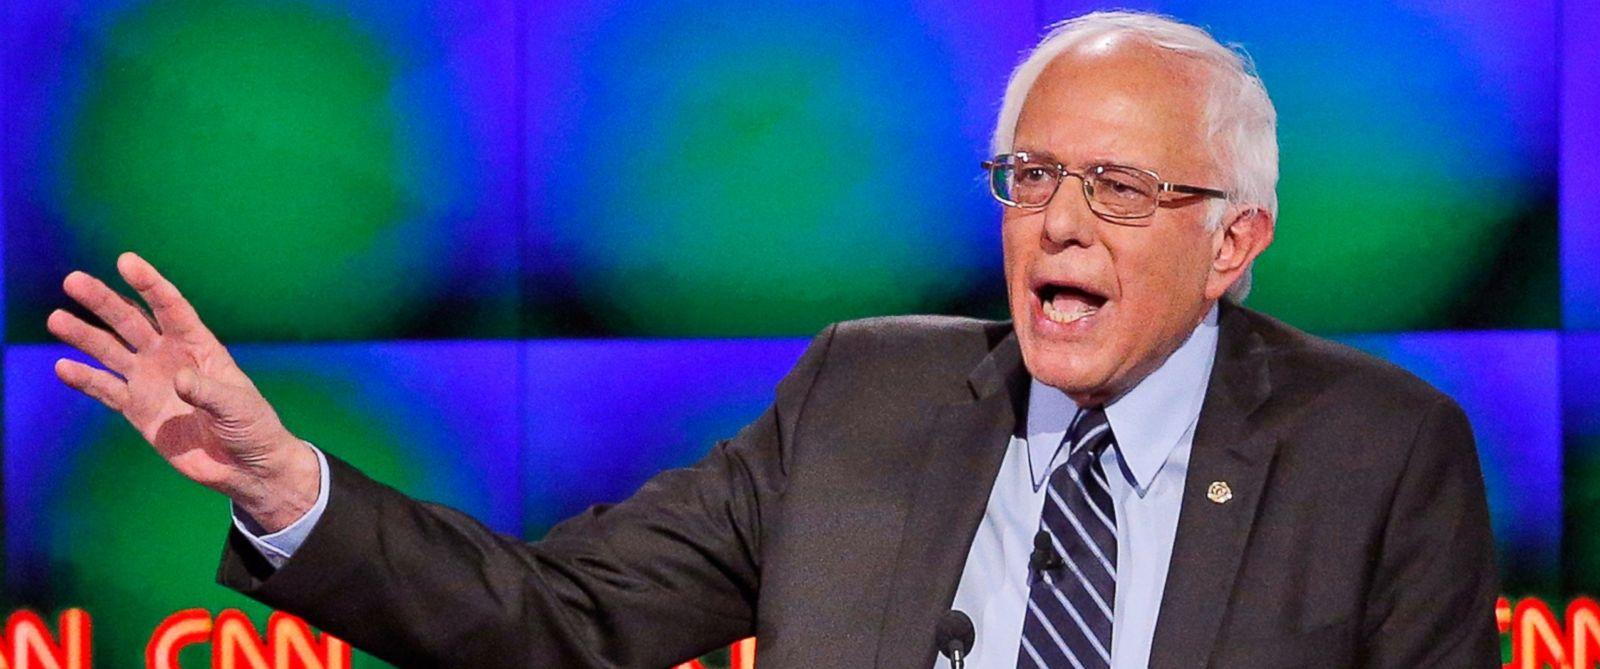 PHOTO: Sen. Bernie Sanders, I-Vt., speaks during a CNN Democratic presidential debate, Oct. 13, 2015, in Las Vegas.